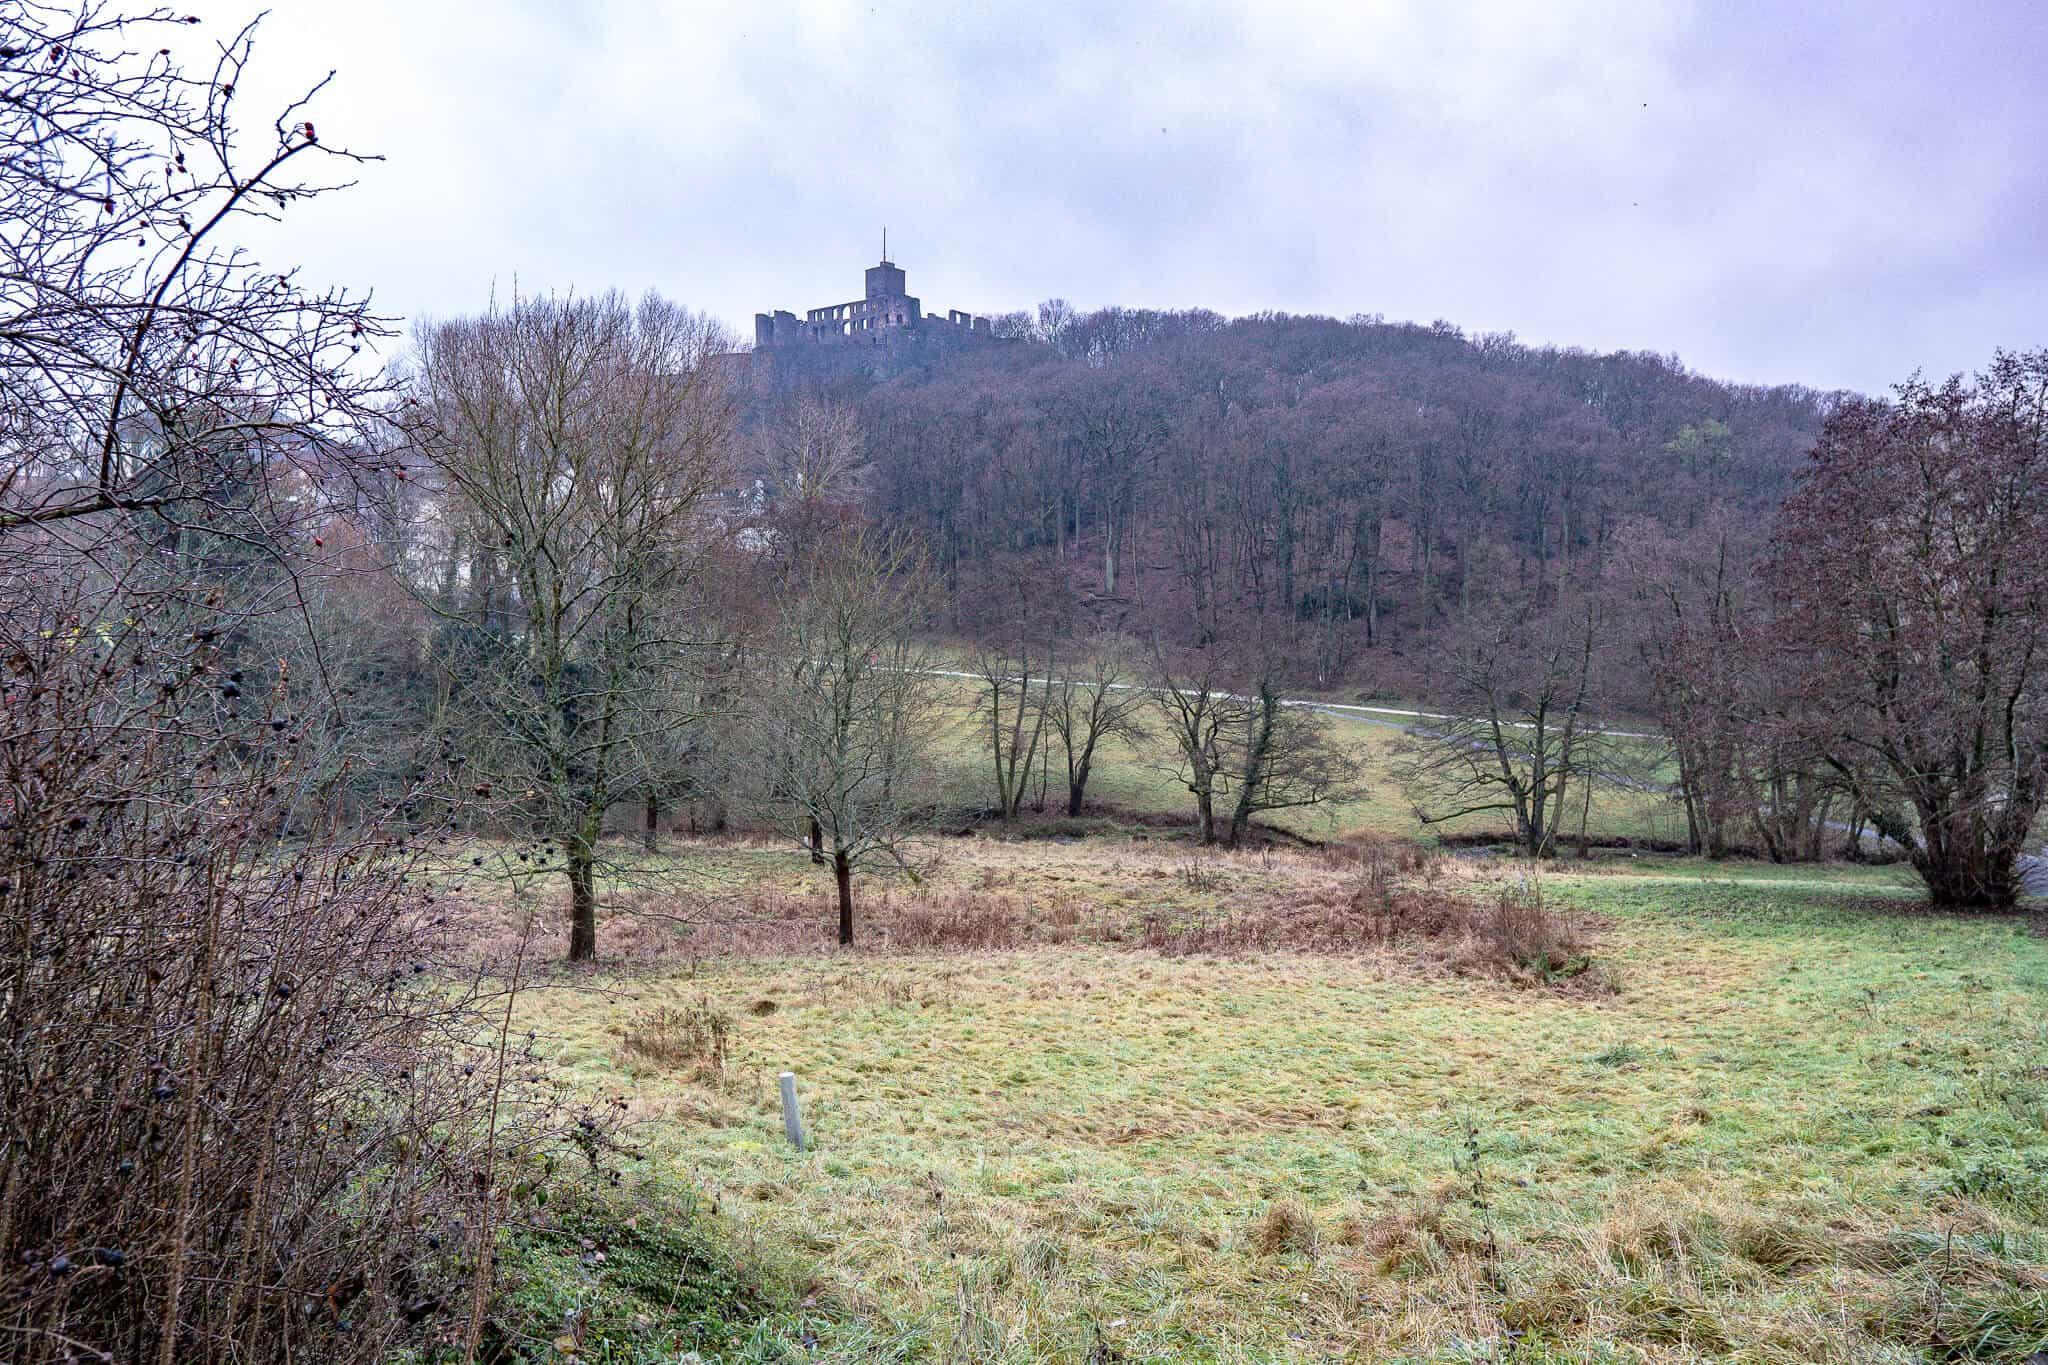 Woogtal mit Königsteiner Burg